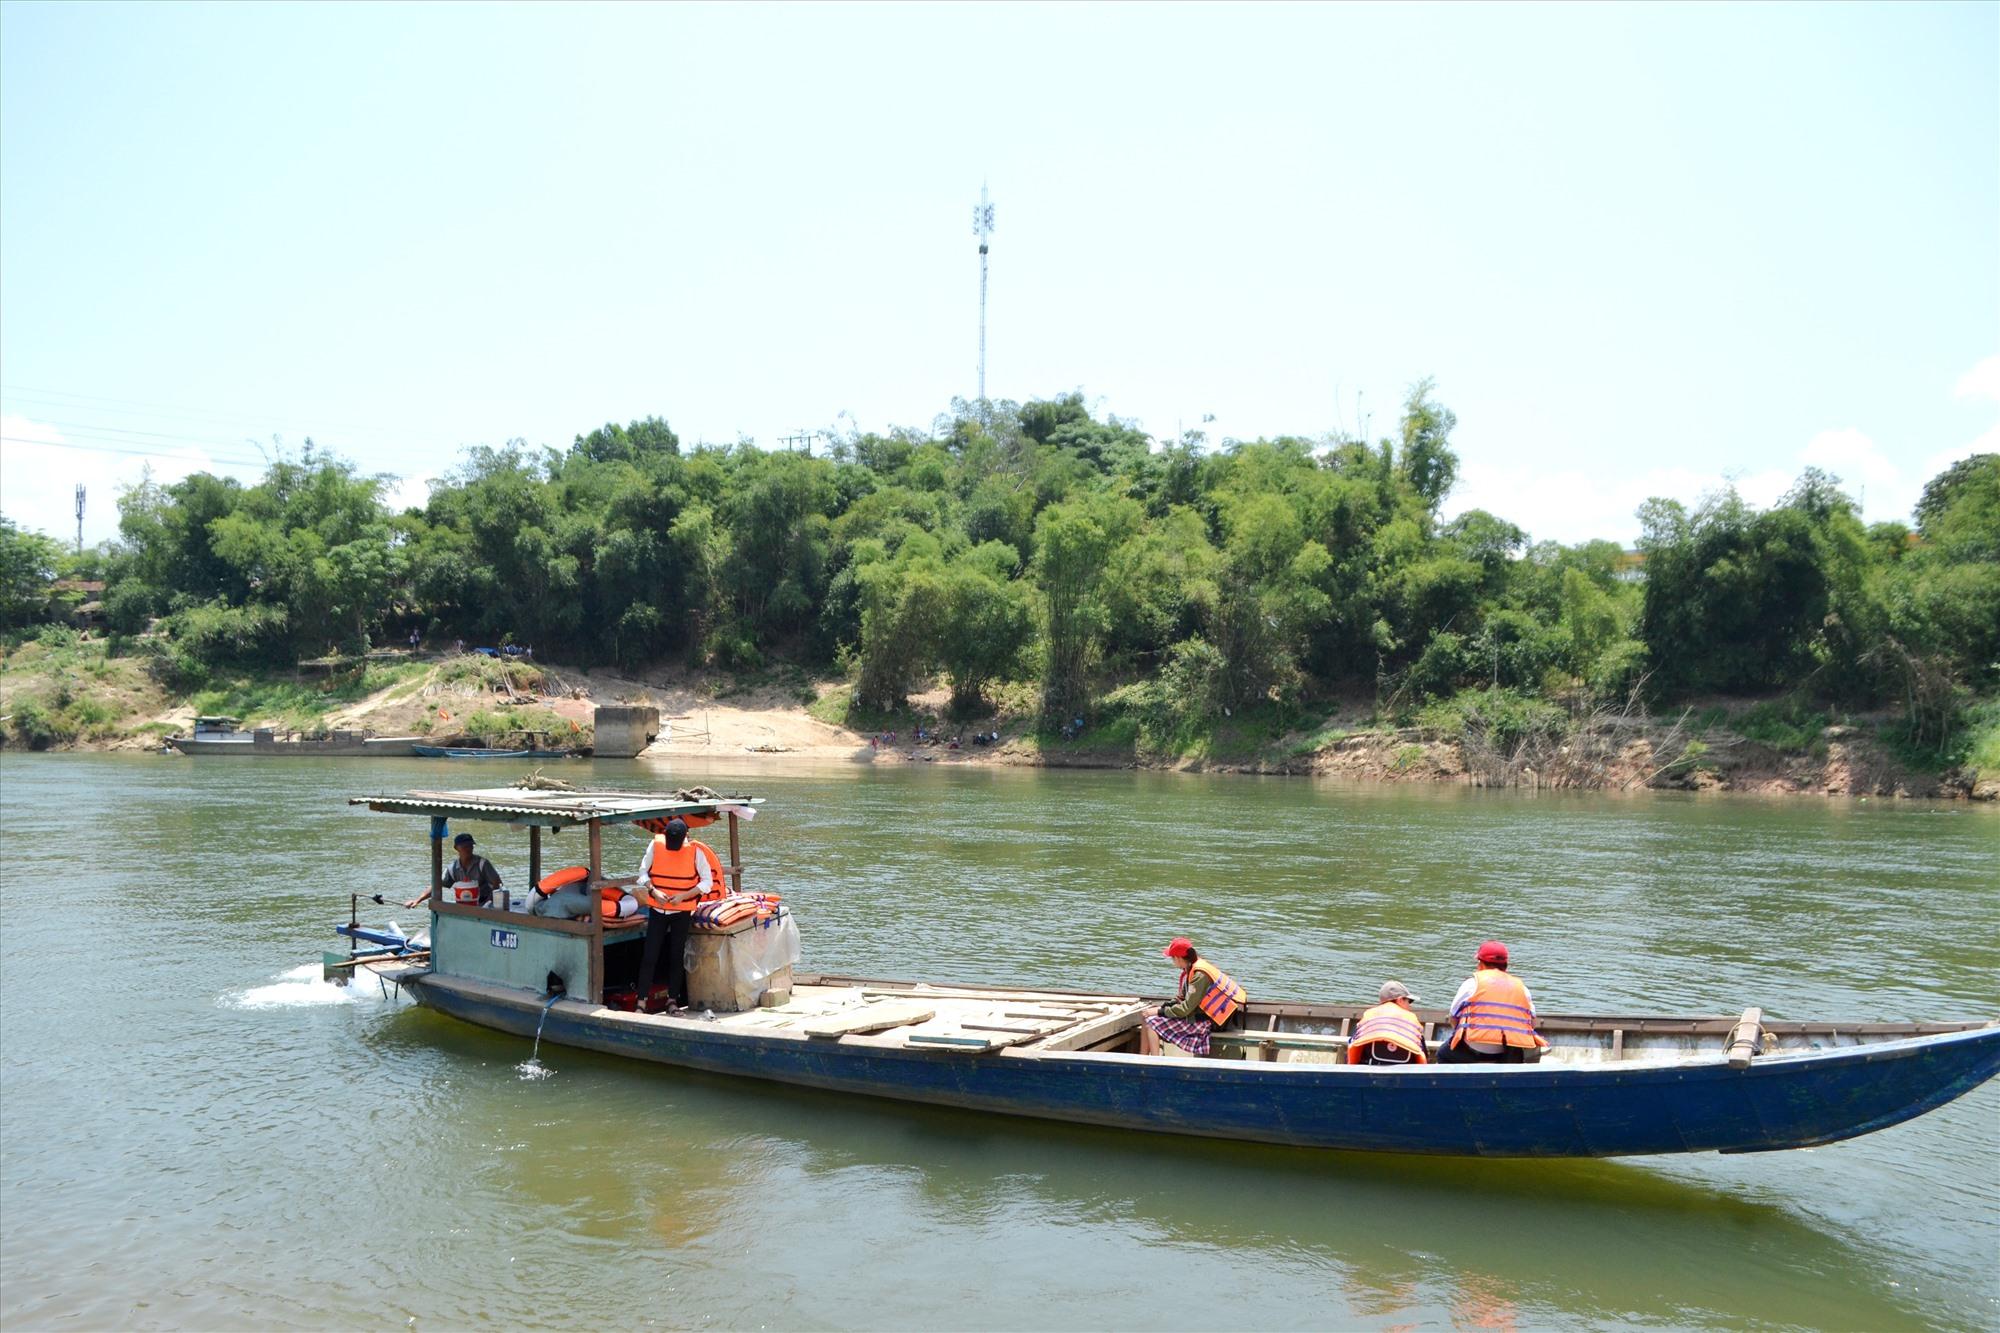 Sông Thu Bồn 2 đoạn chảy qua địa phận xã Quế Trung (Nông Sơn). Ảnh: CÔNG TÚ